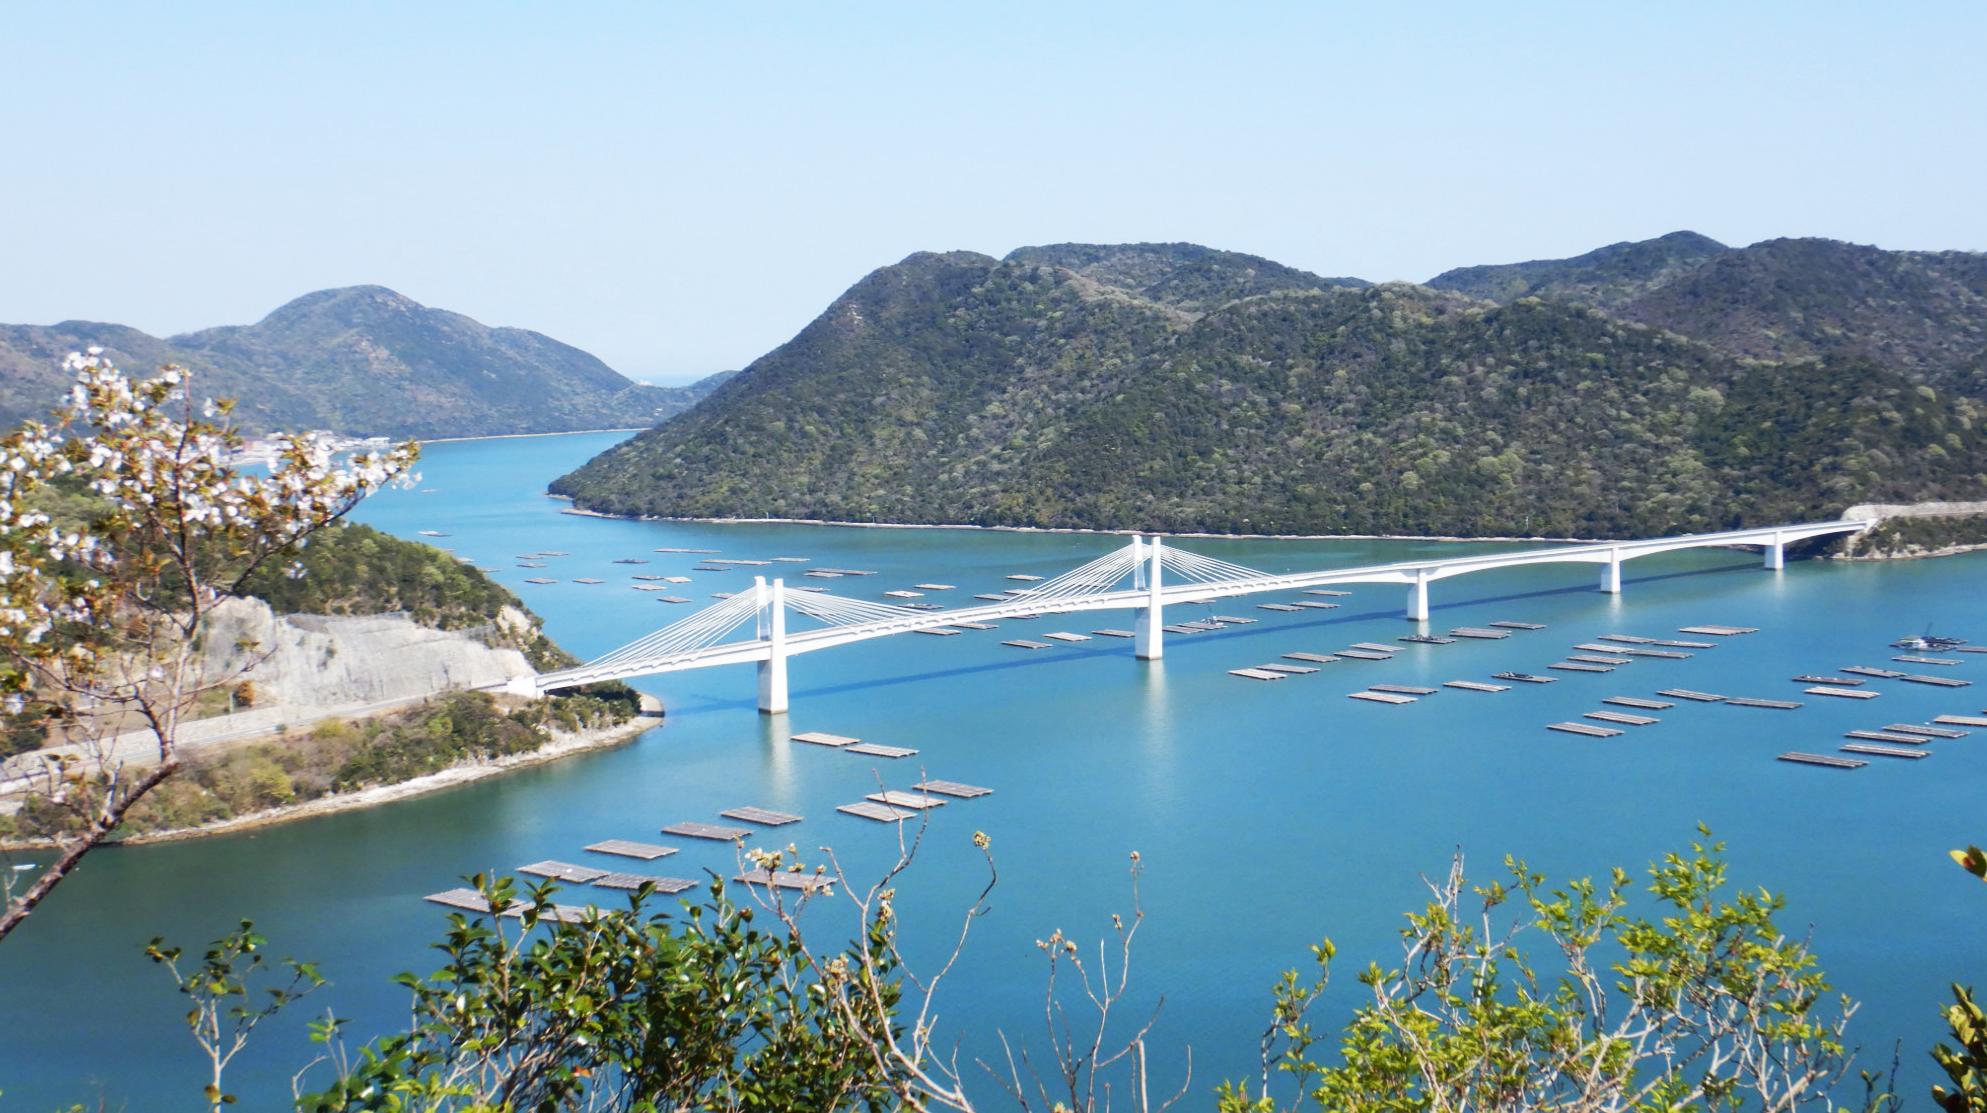 多島美あふれる瀬戸内海国立公園に架かる長大PC橋